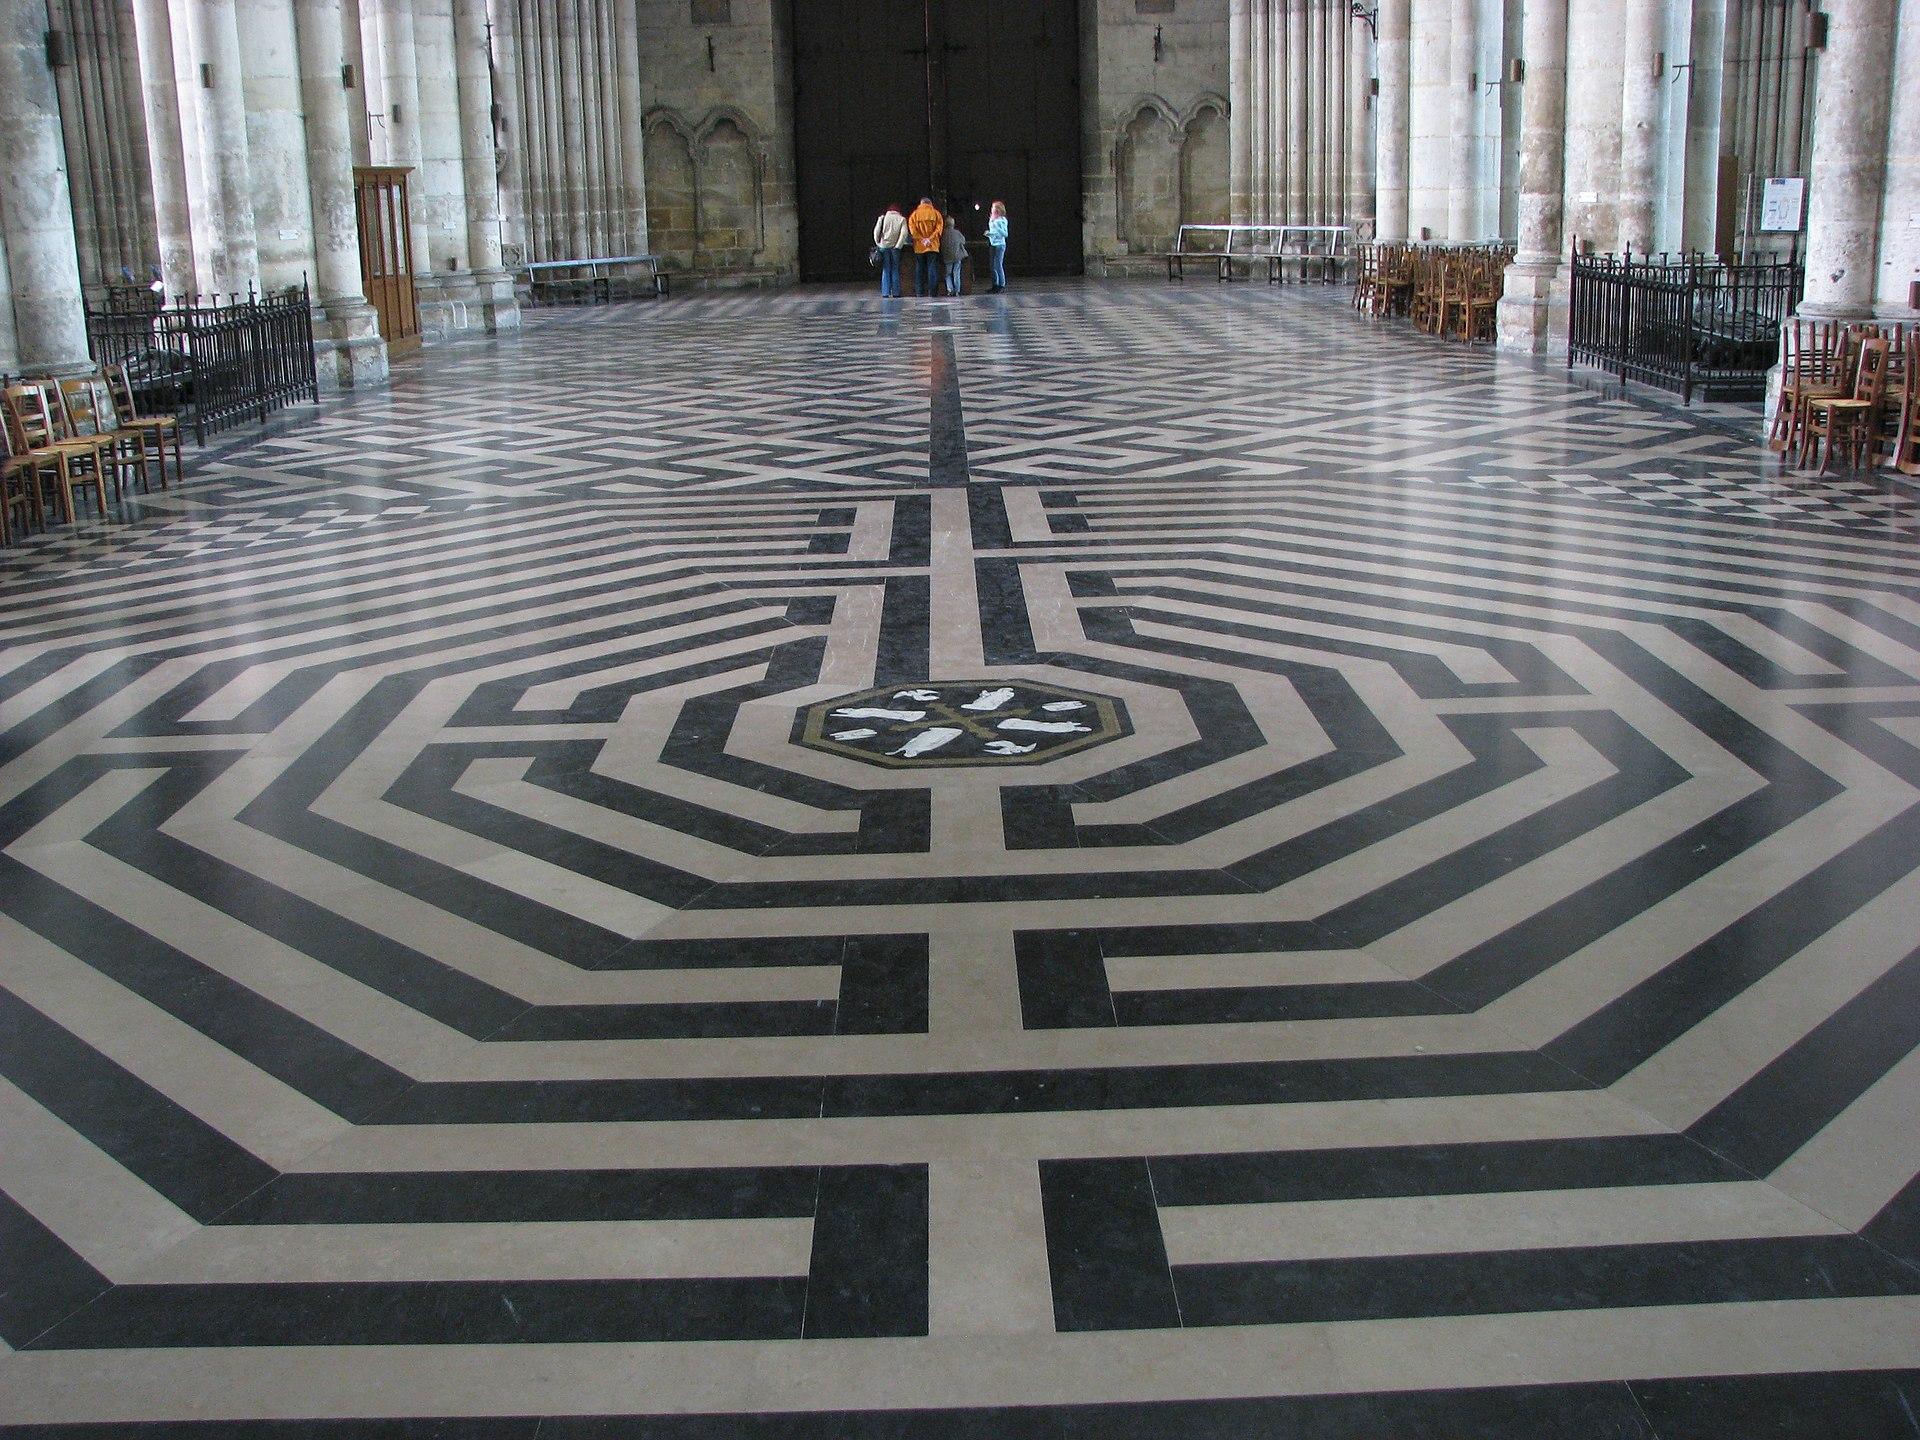 labyrinthe de la cath drale d 39 amiens wikip dia. Black Bedroom Furniture Sets. Home Design Ideas